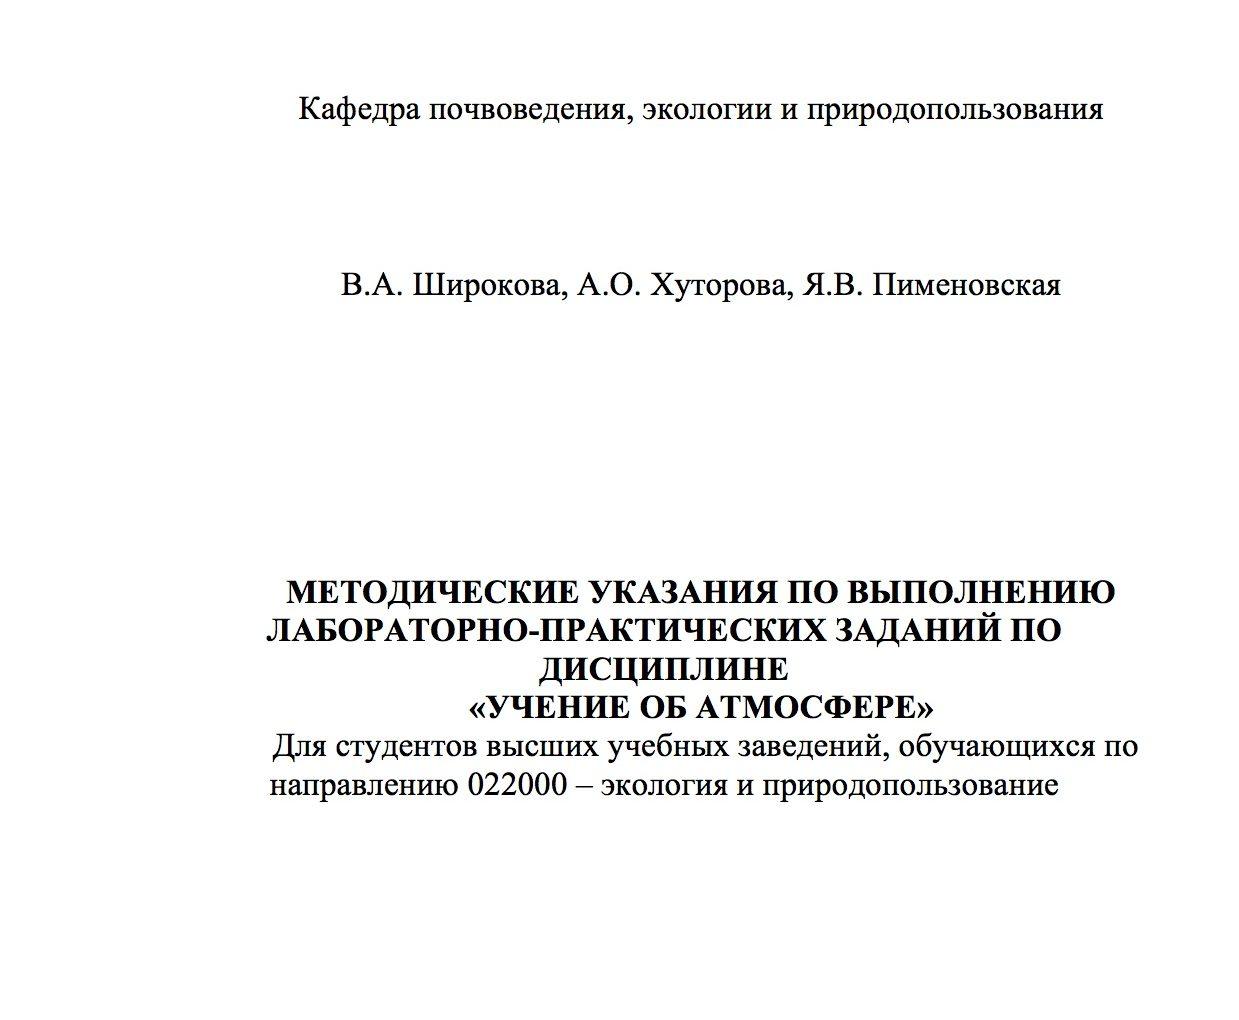 """Методические указания по выполнению лабораторно-практических заданий по дисциплине """"Учение об атмосфере""""."""